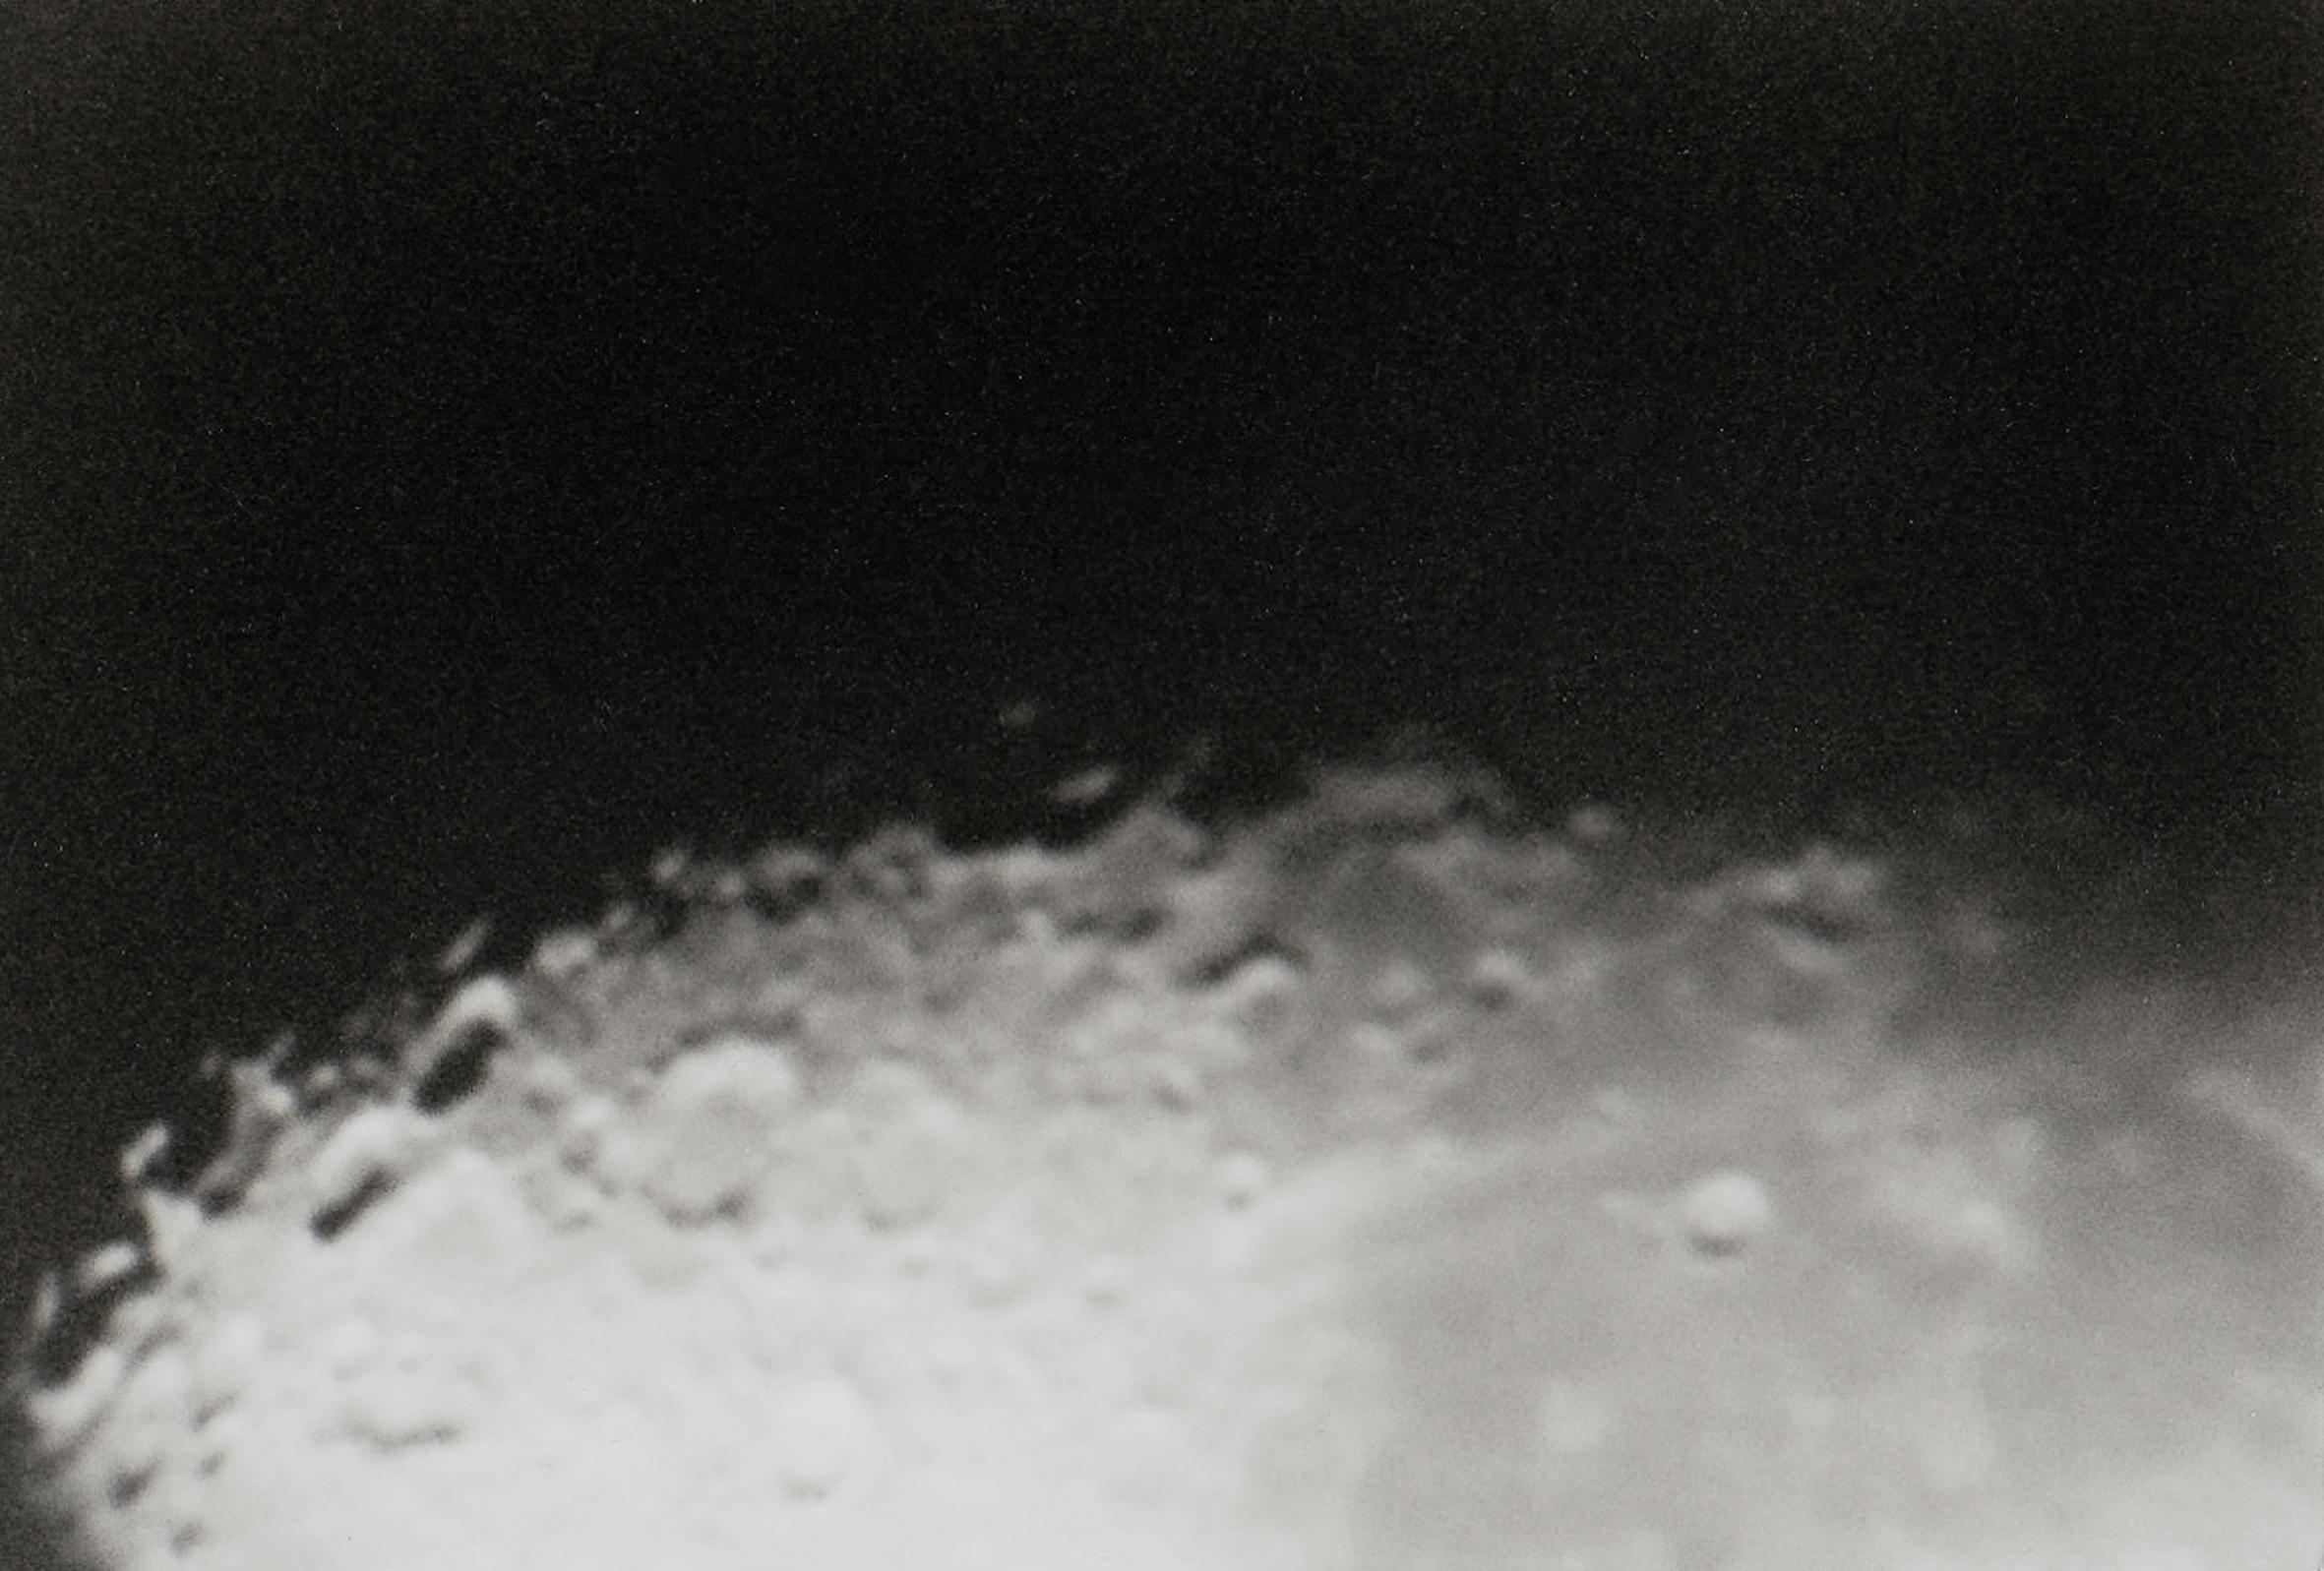 astroblème - «Astroblème» : Mot composé de ástron - « astre », et de blêma - « coup » ; désigne l'ensemble des traces laissées par l'impact d'une météorite ou d'un astéroïde sur Terre.